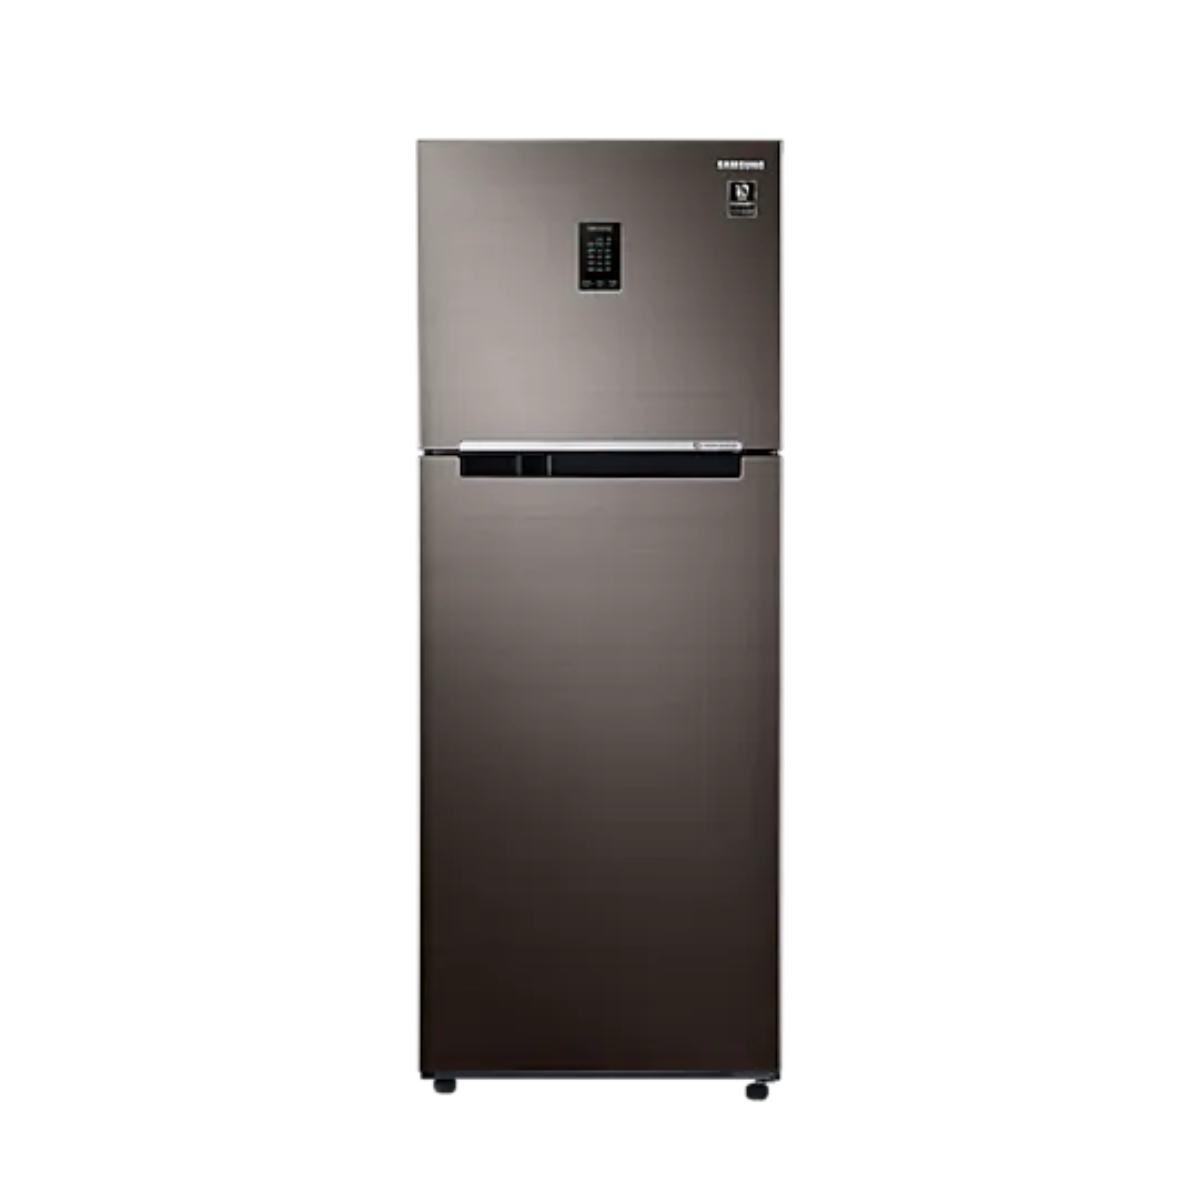 சேம்சங்  407 L மேலே Mount Freezer with Curd Maestro (RT42T5C5EDX)